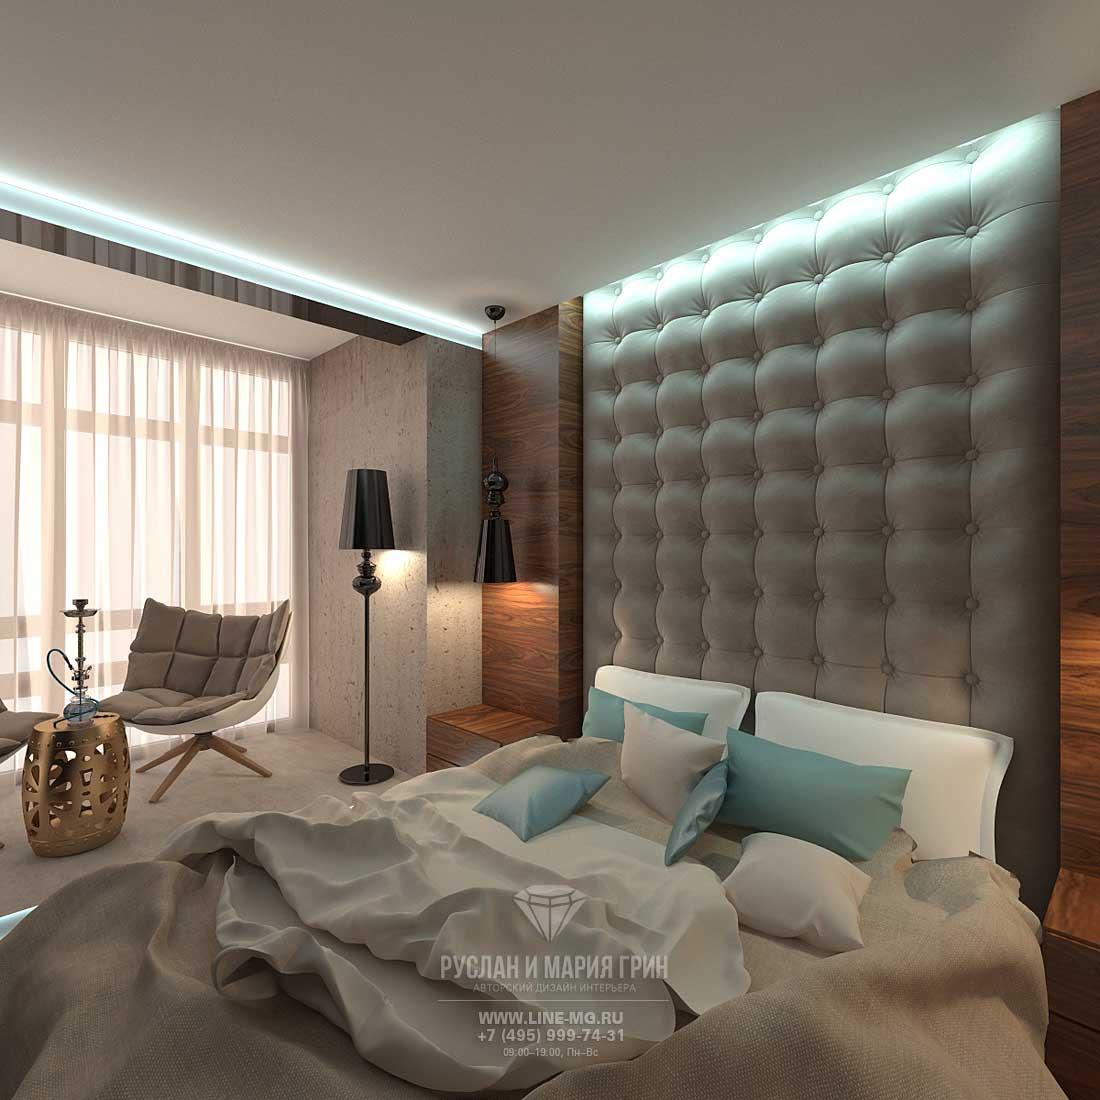 Стильный интерьер, фото спальни 2015